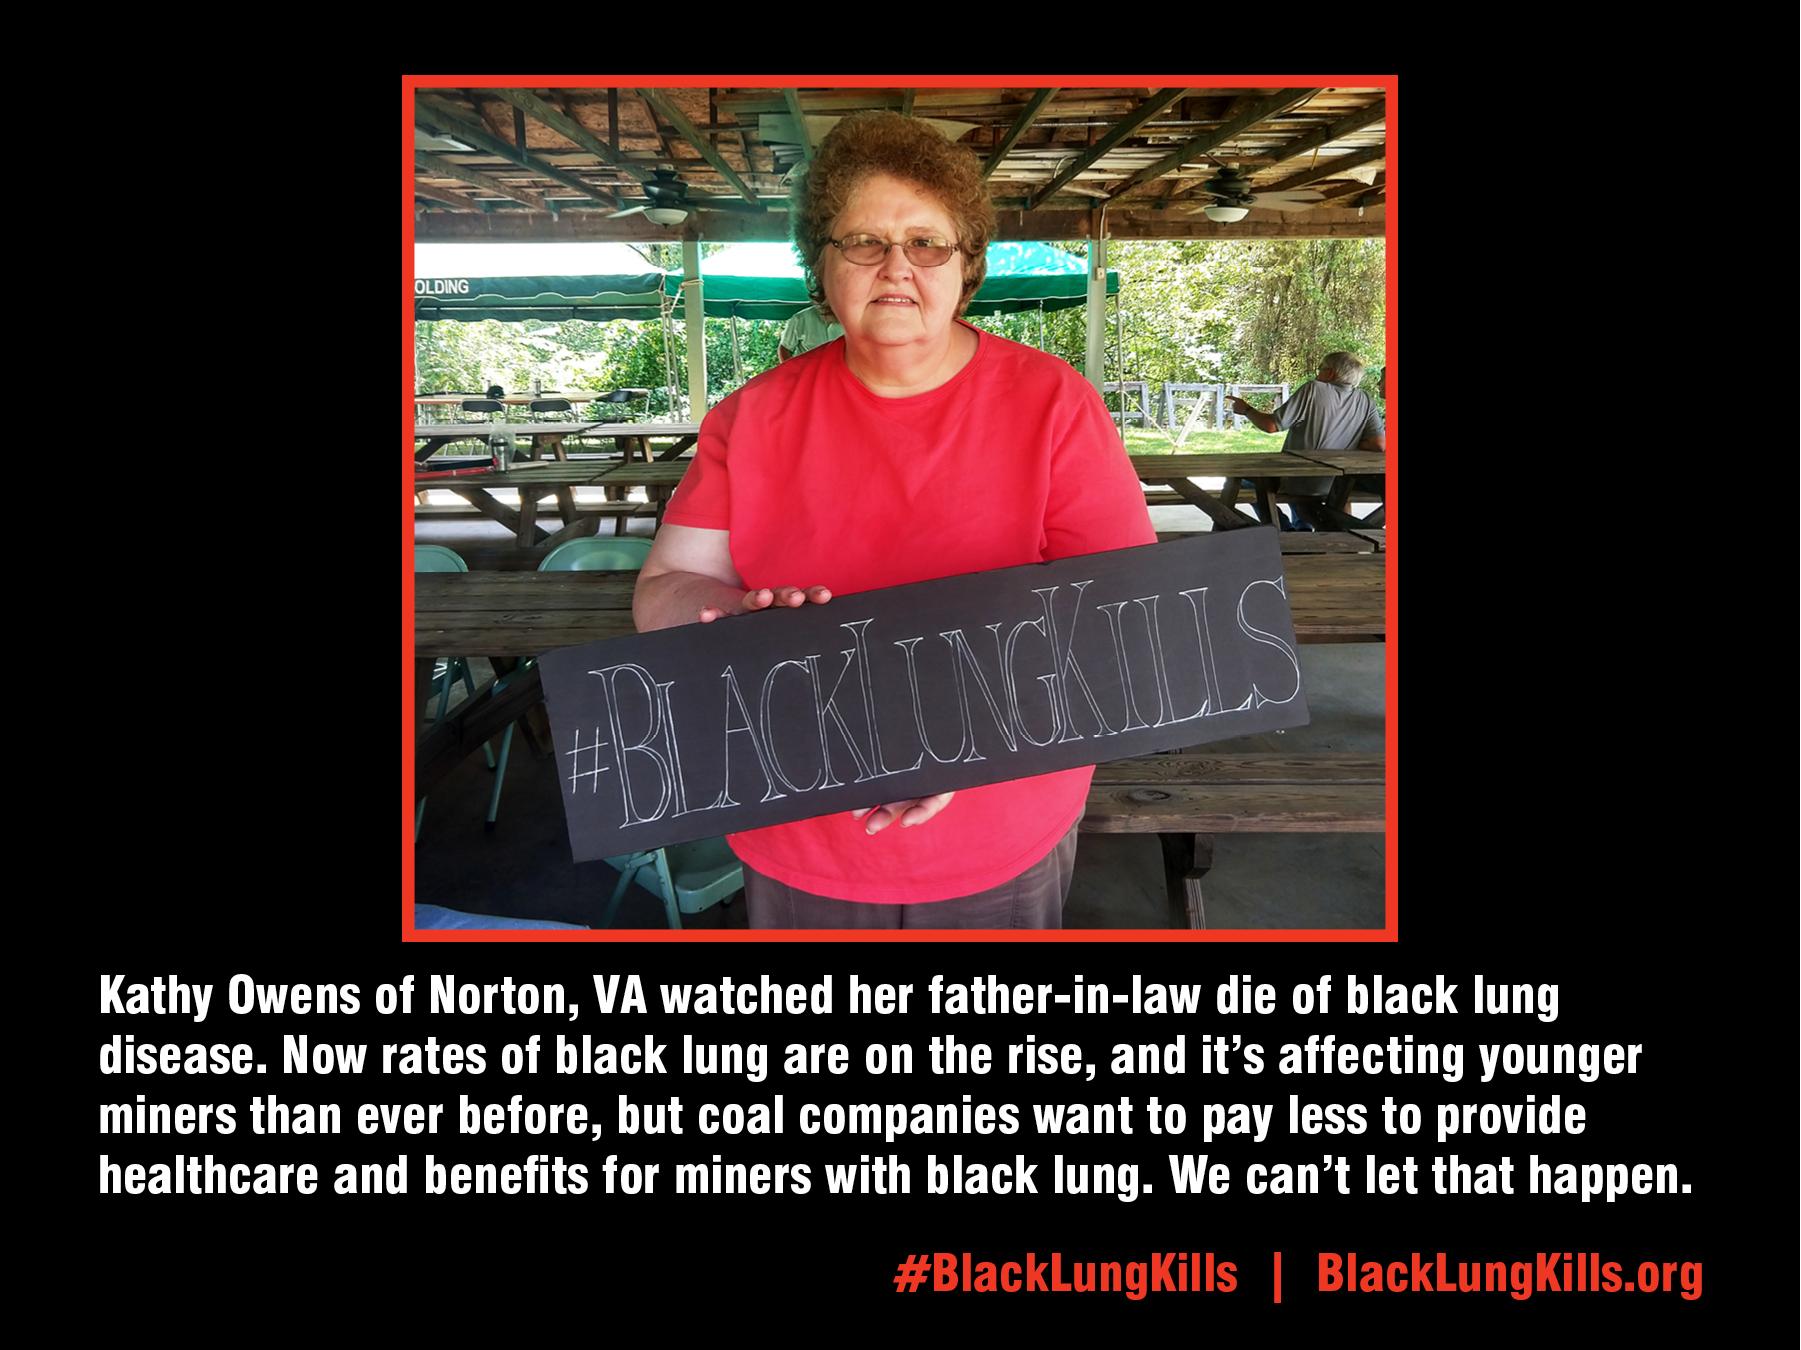 Blacklungkills_Kathy_Owens_1